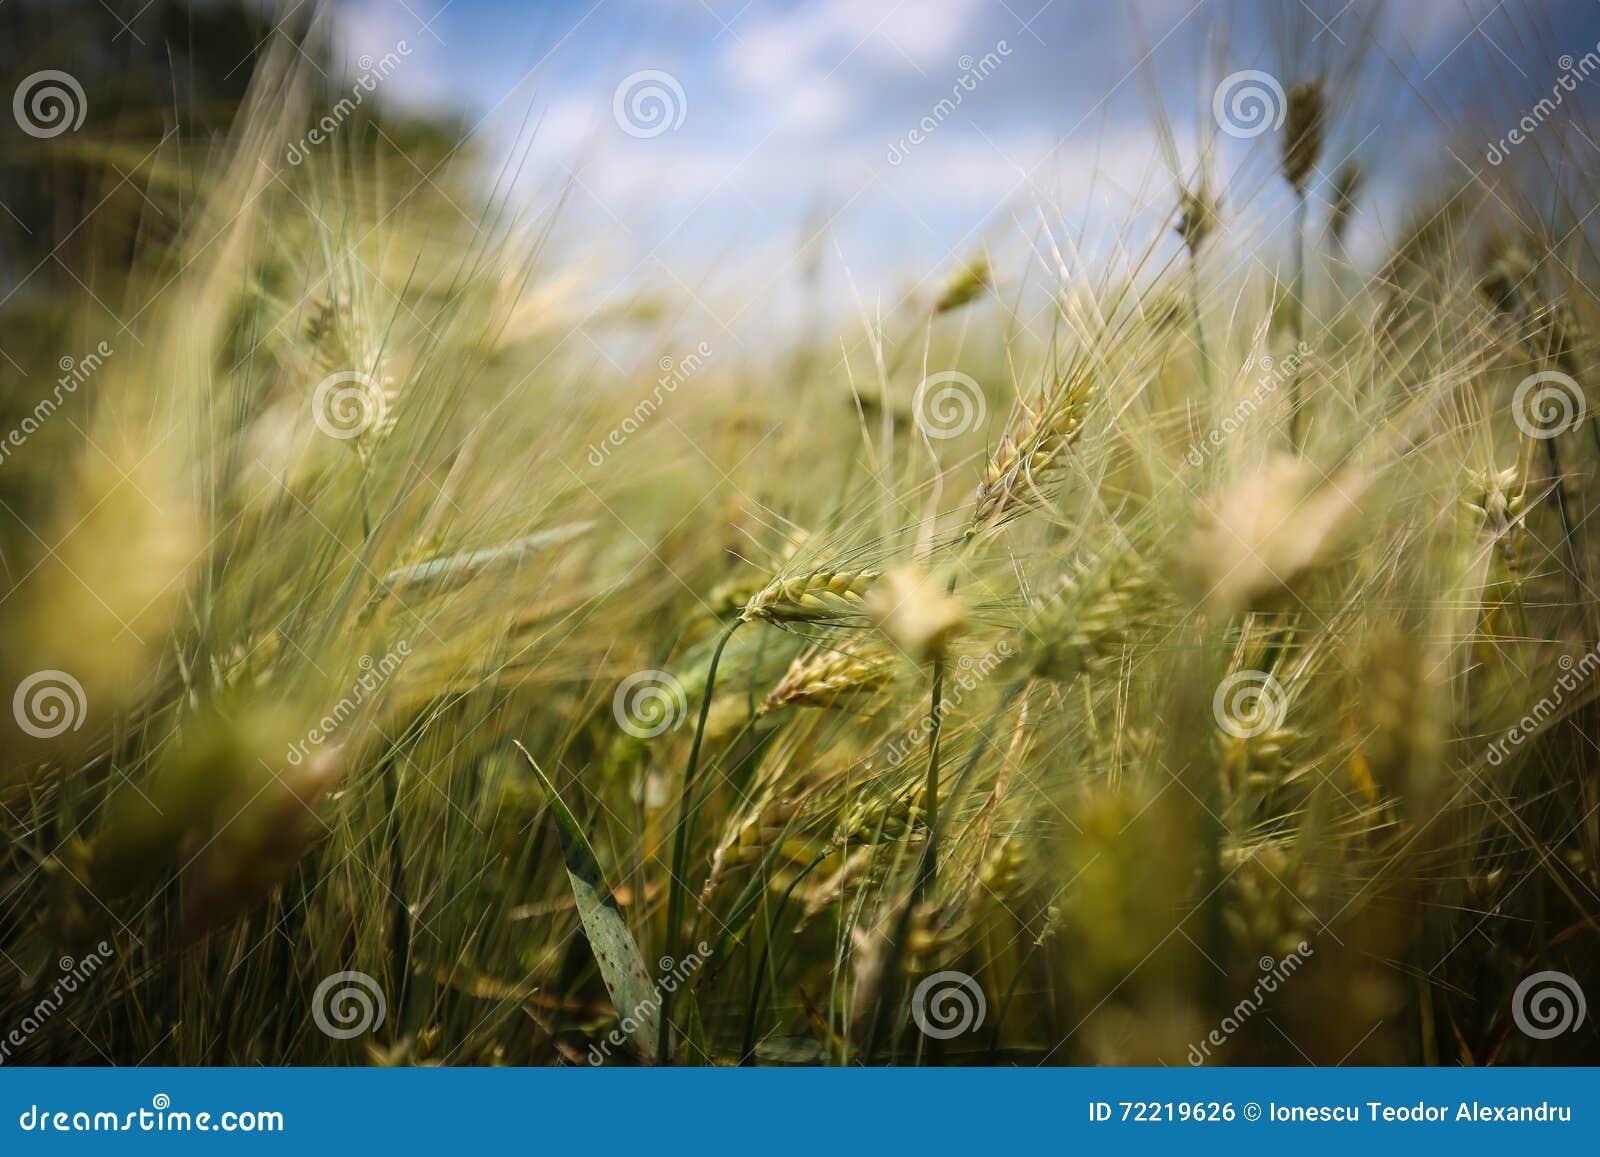 Fermez-vous avec des oreilles de blé